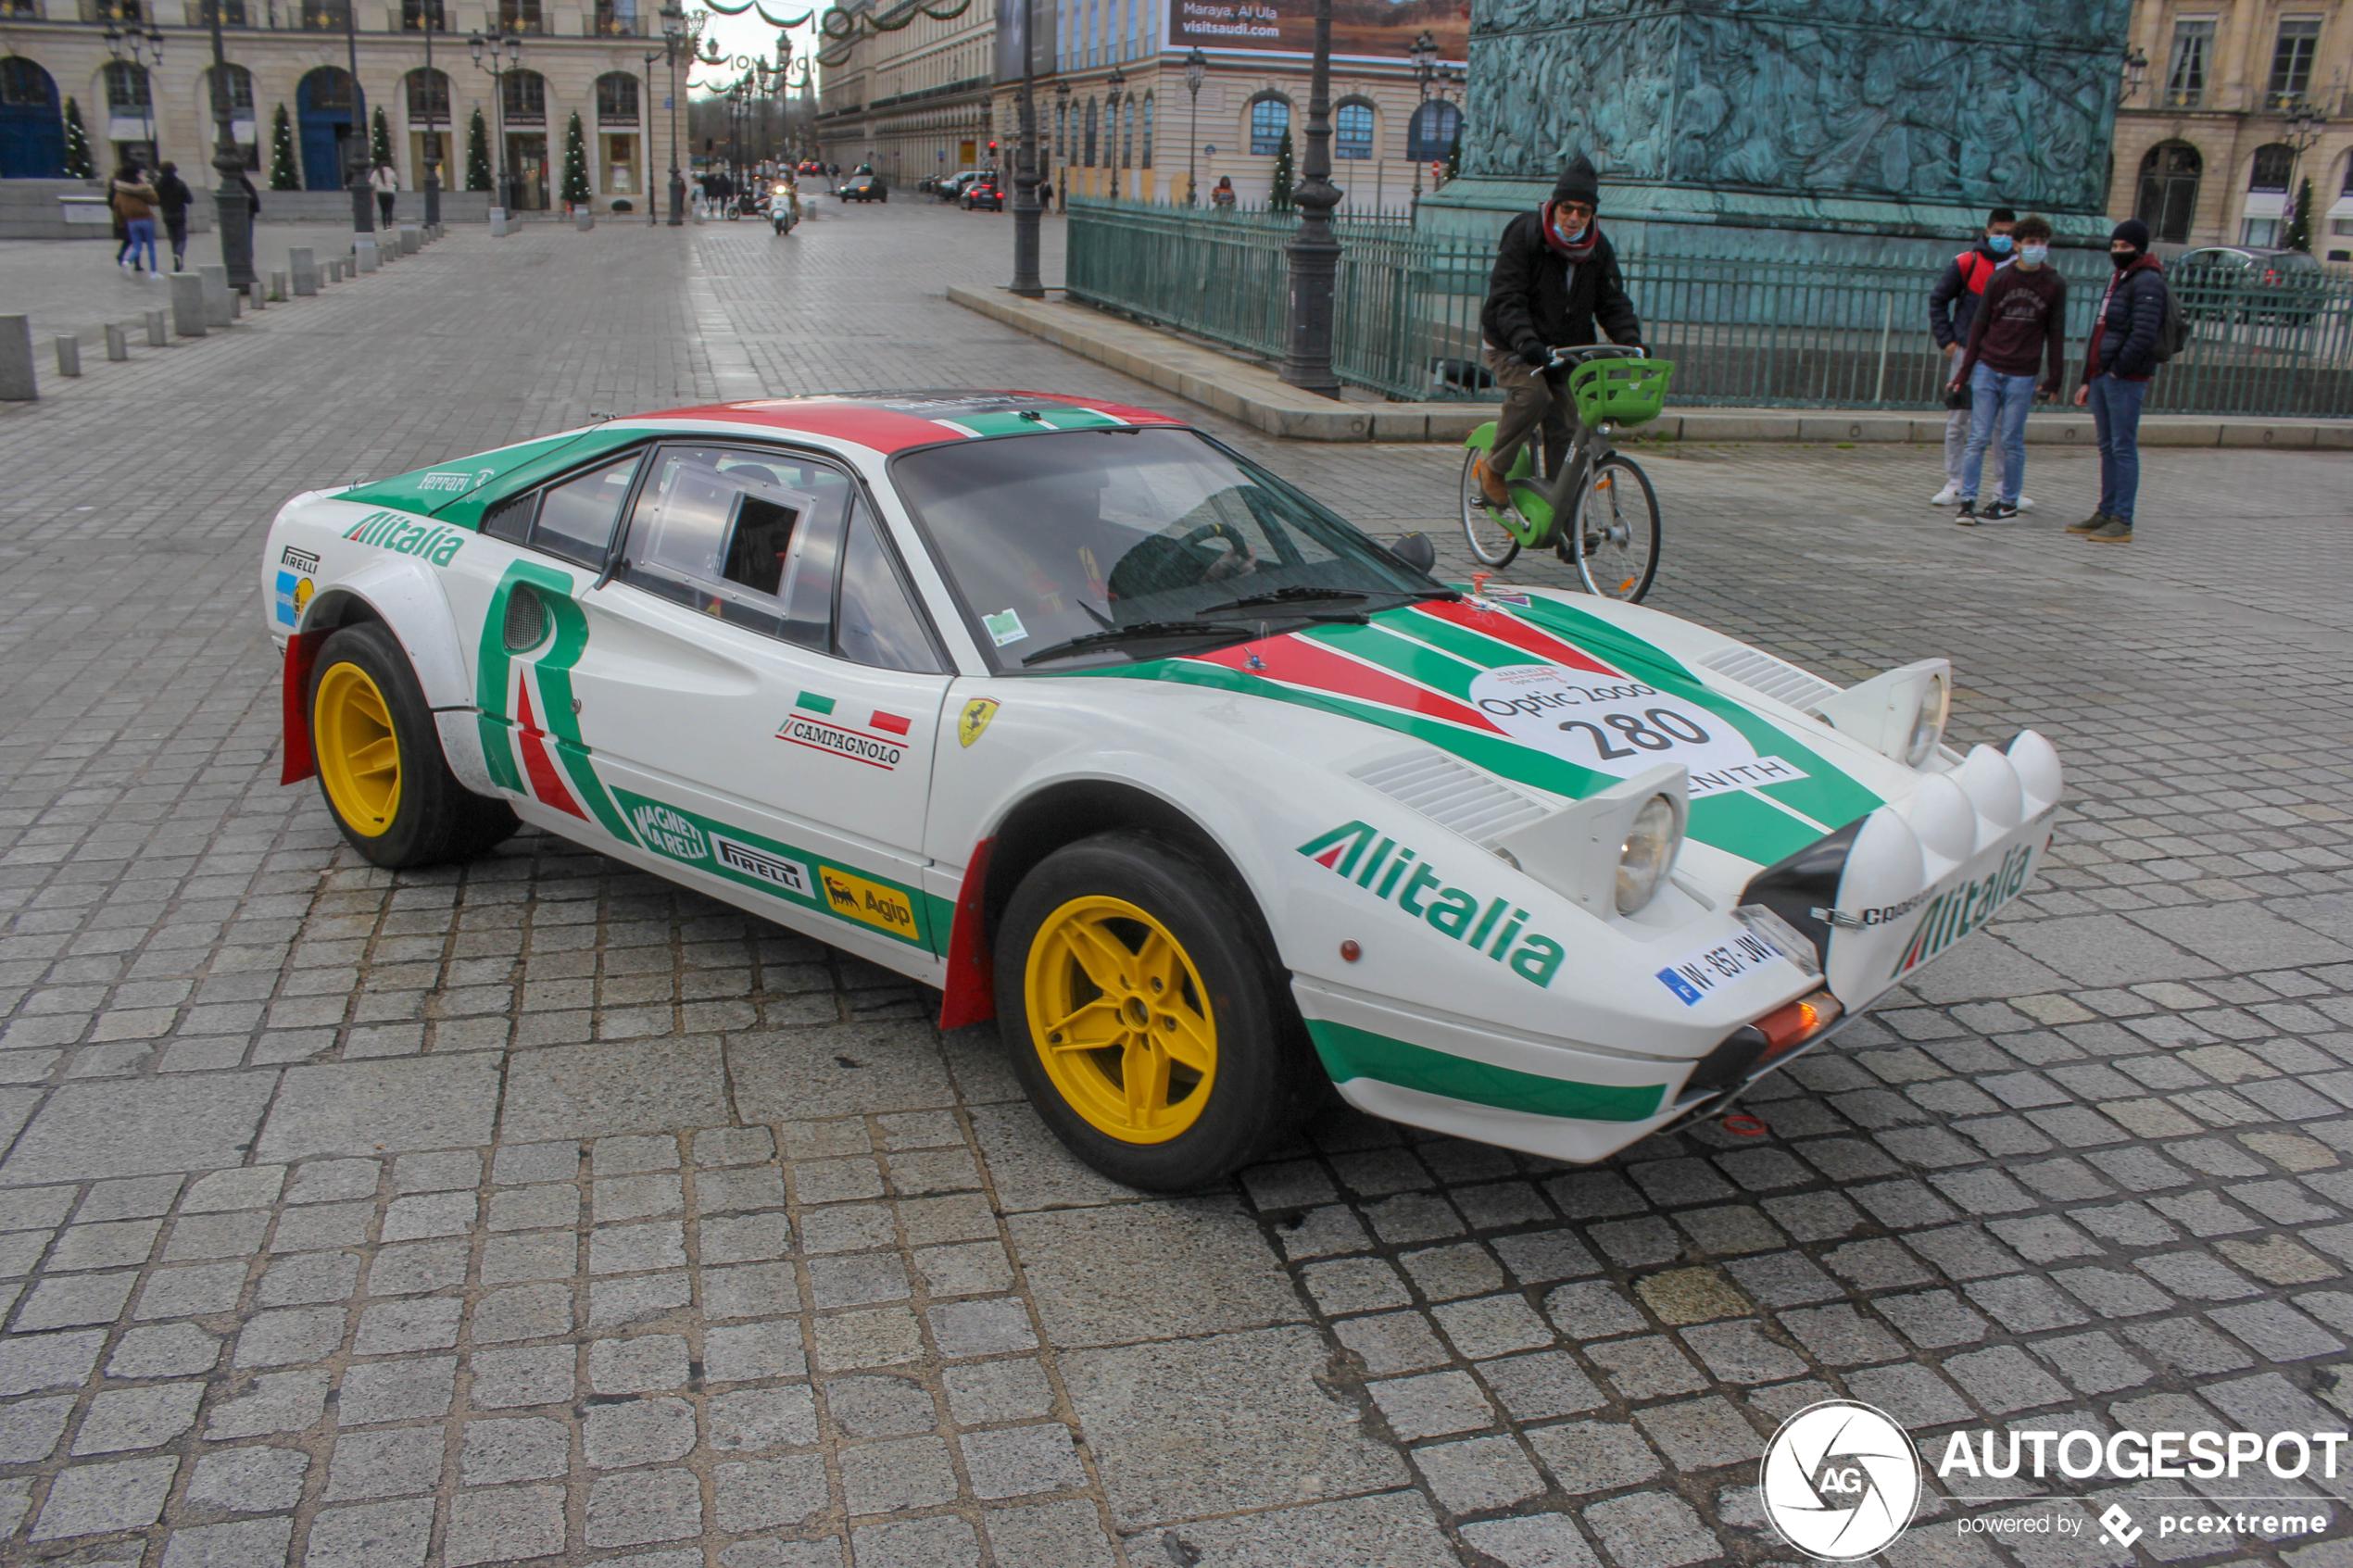 Ferrari308 GTB Michelotto